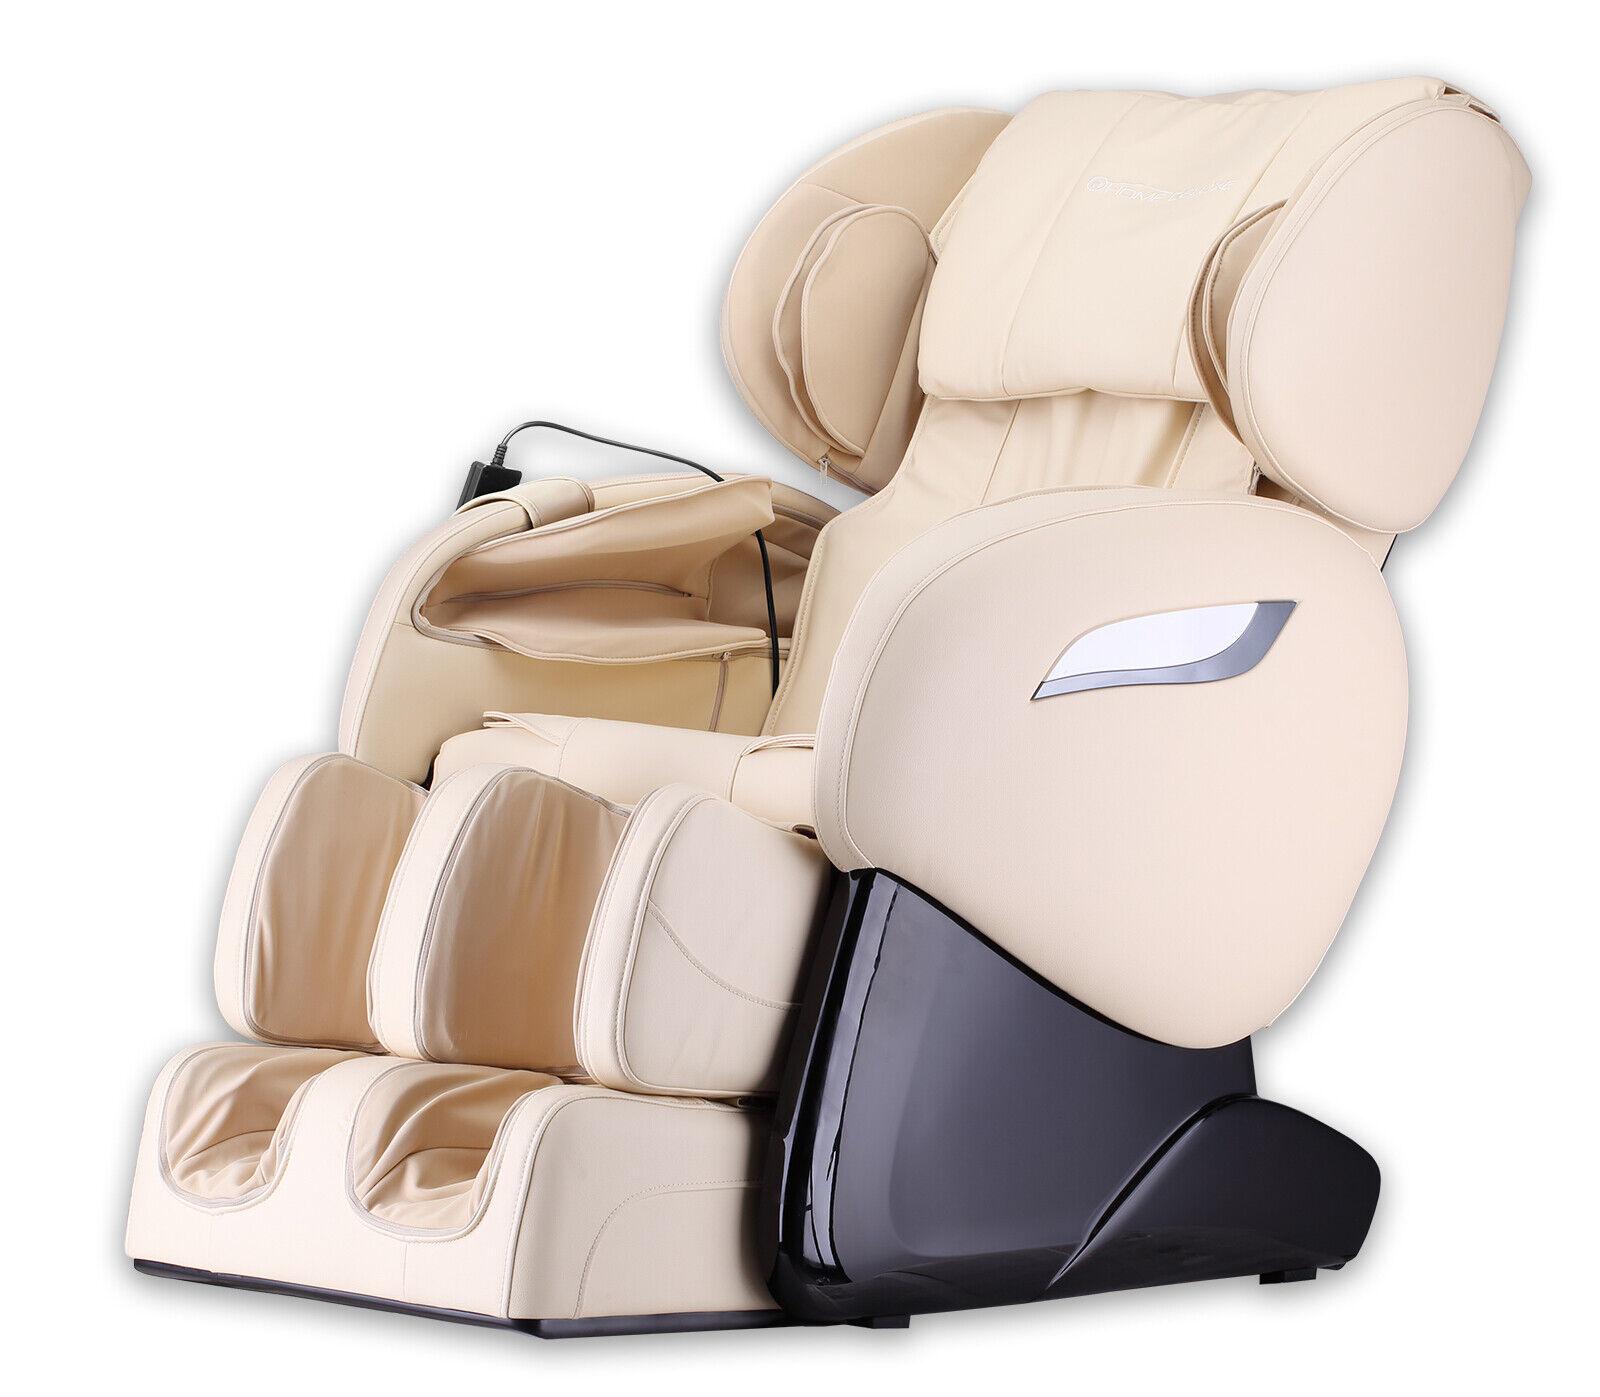 HOME DELUXE Sessel Massagesessel Fernsehsessel Relaxsessel Heizung Shiatsu Neu